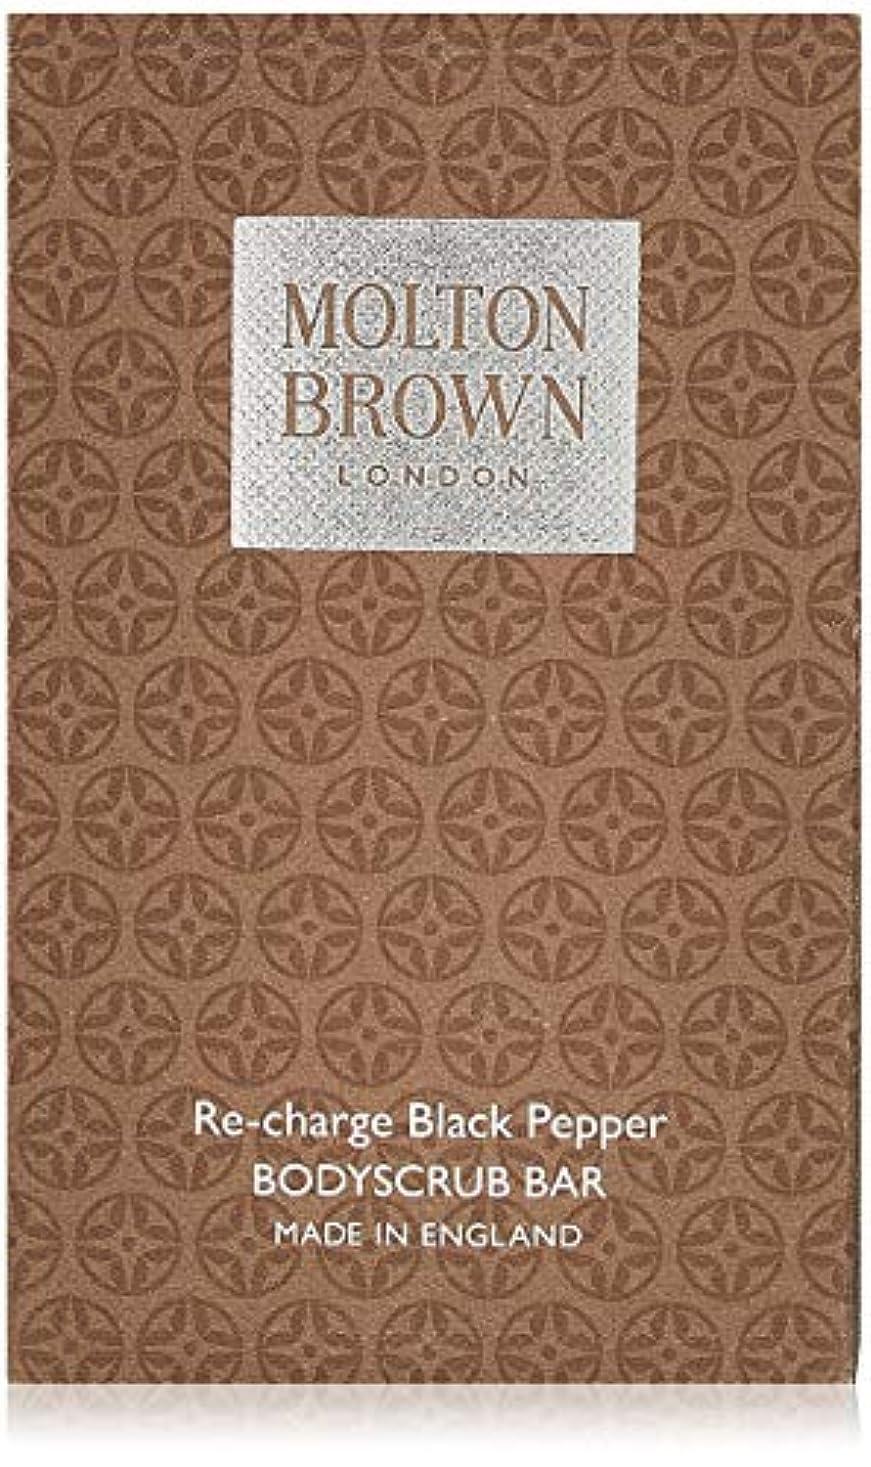 役に立つ飾り羽含むMOLTON BROWN(モルトンブラウン) ブラックペッパーボディスクラブバー 石鹸 250g